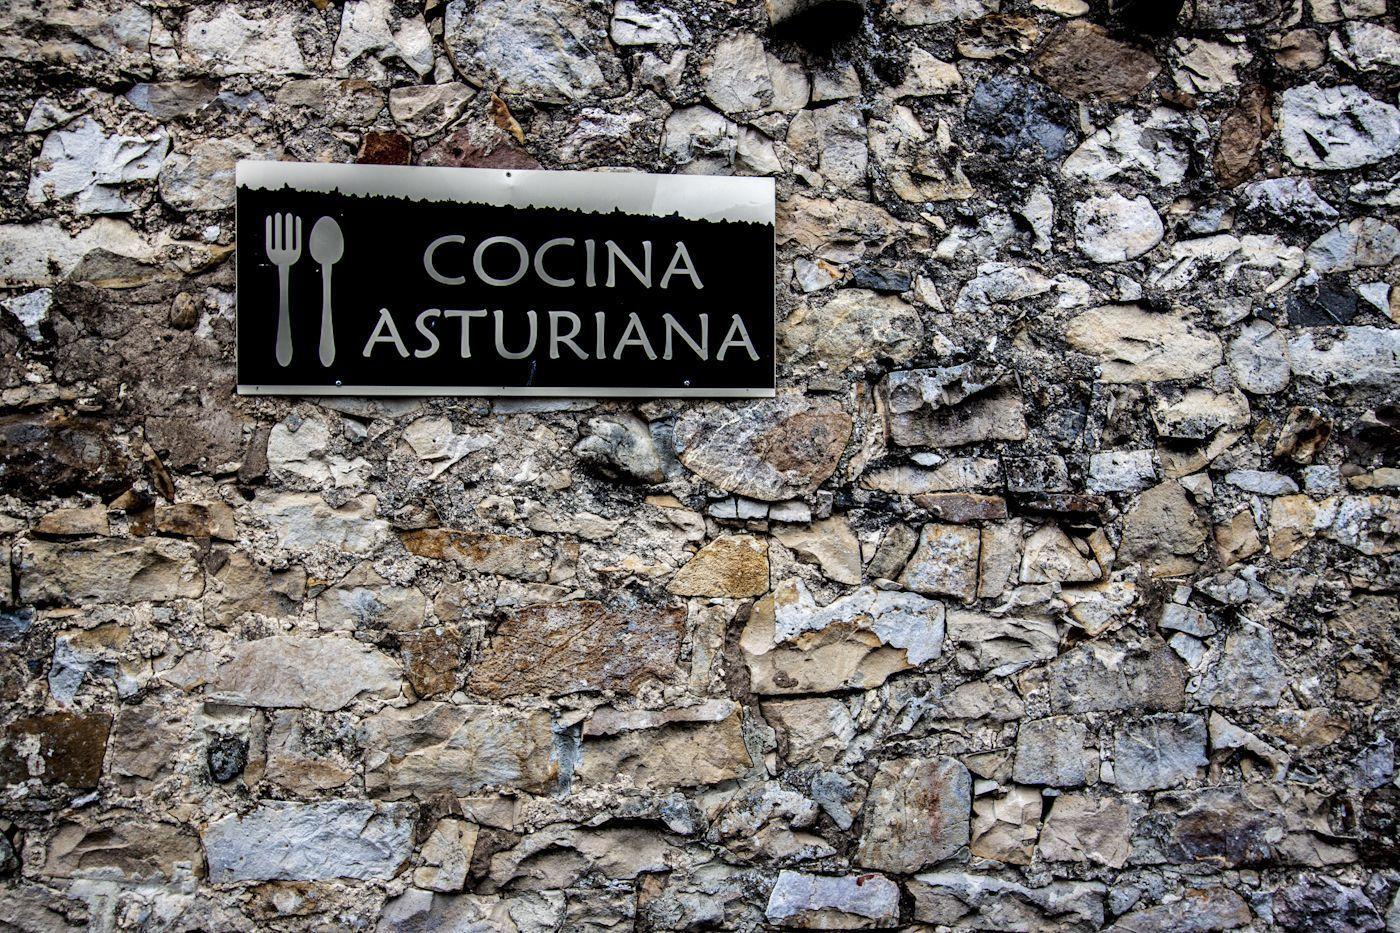 Cultura y gastronomia en asturias y los picos de europa